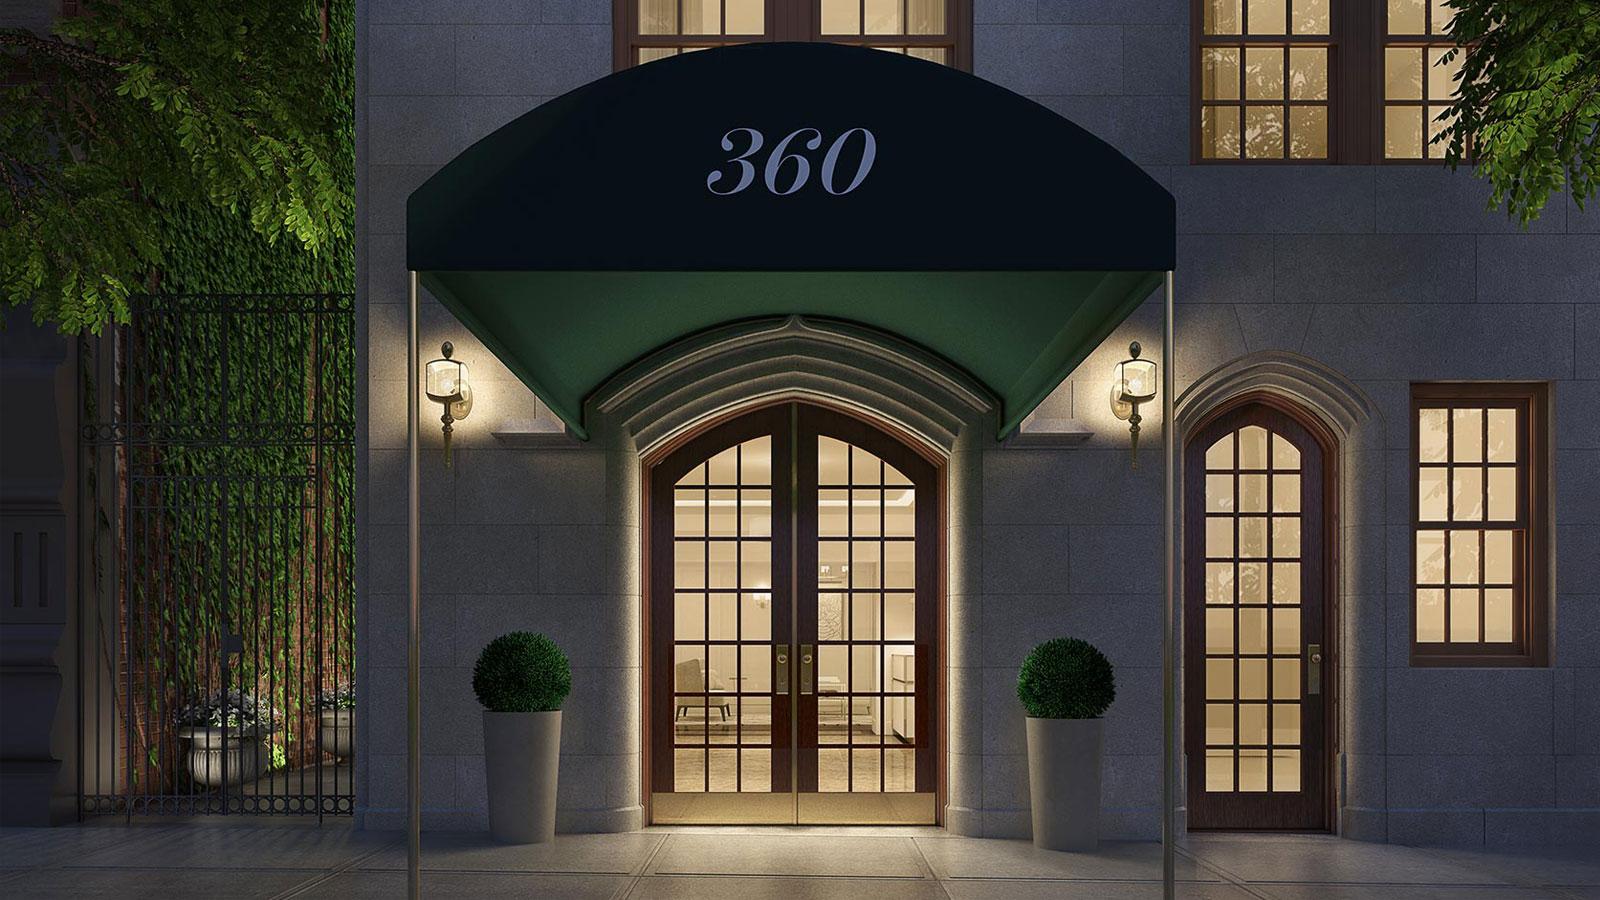 360 Central Park West